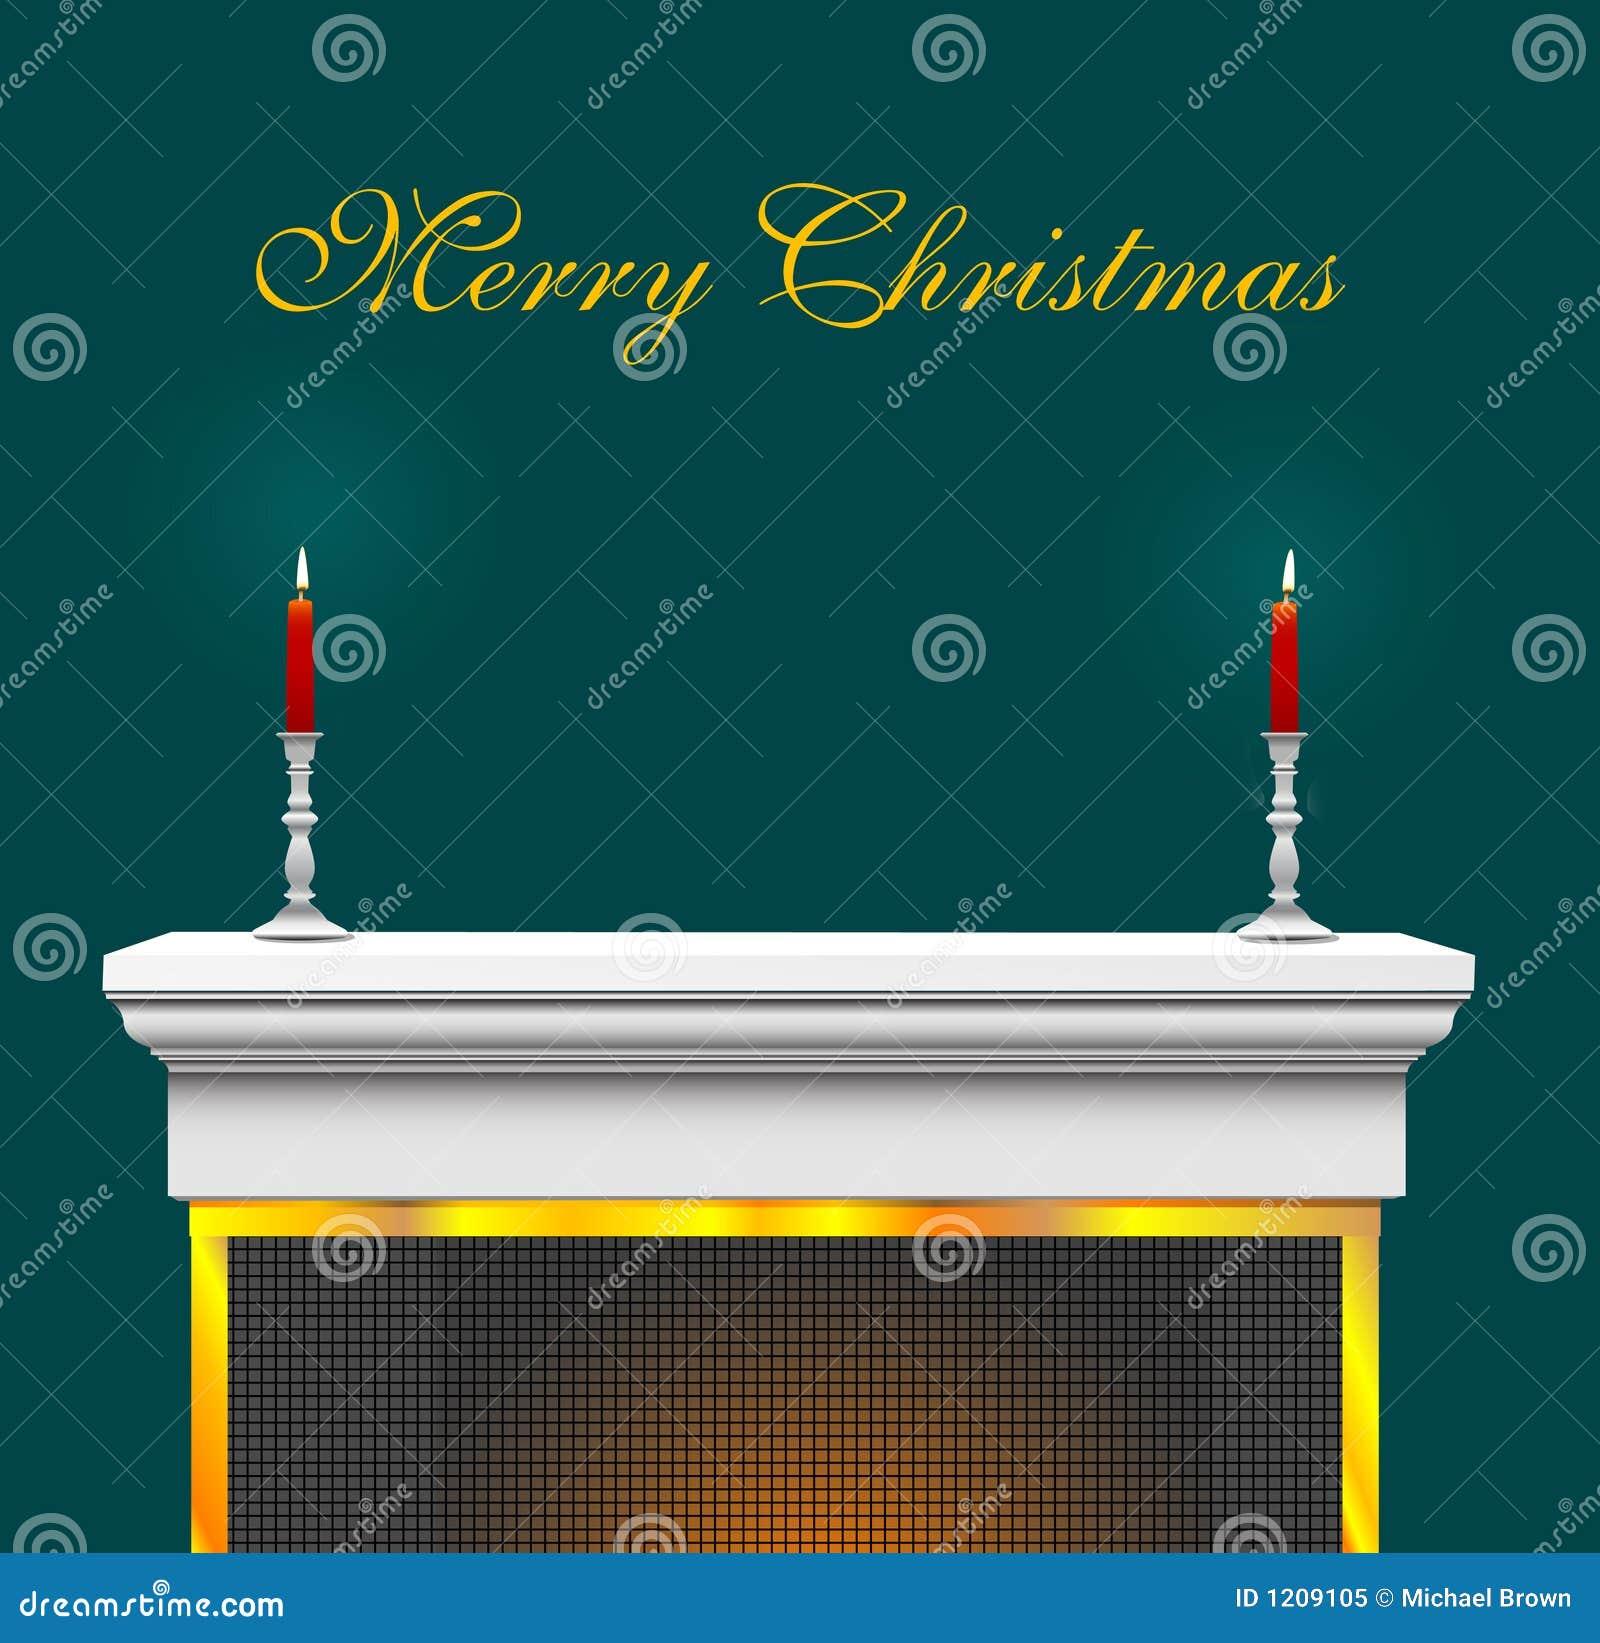 De achtergrond van de mantel van de open haard van kerstmis vector illustratie afbeelding 1209105 for Huis open haard mantel